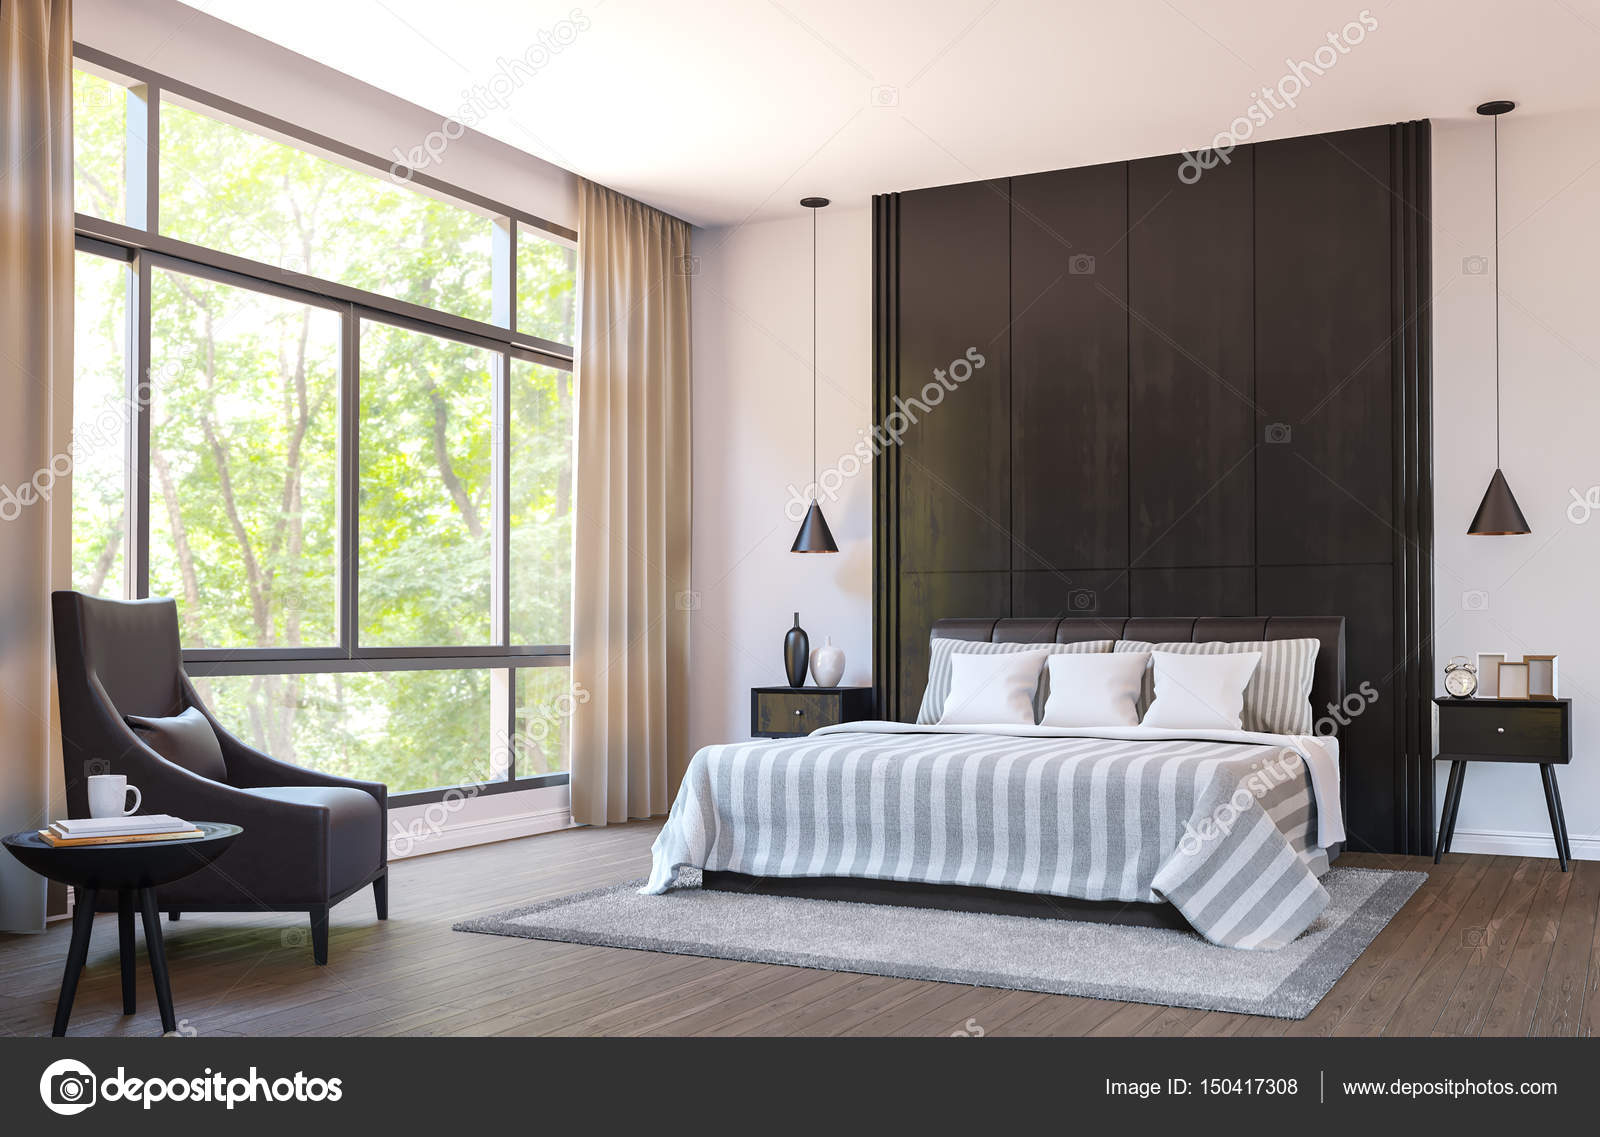 Hout Slaapkamer Meubels : Moderne slaapkamer decoreren met bruin lederen meubels en zwart